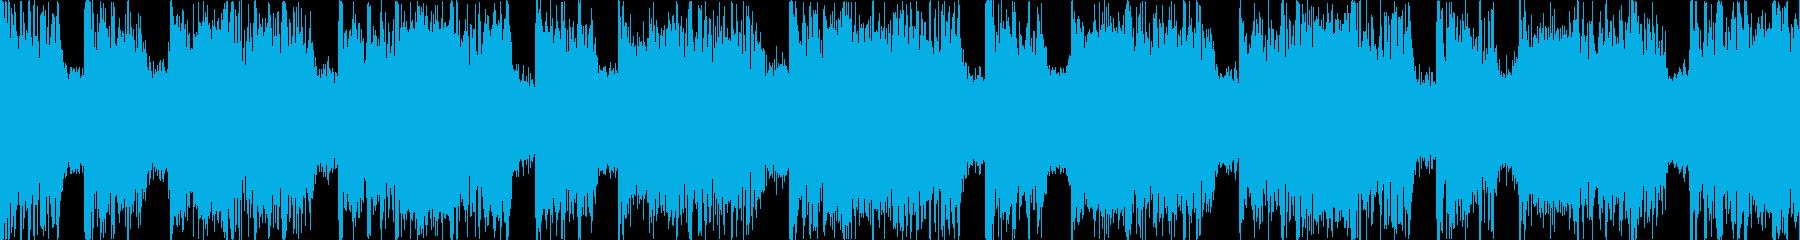 緊迫した重めのロック Dパートループの再生済みの波形